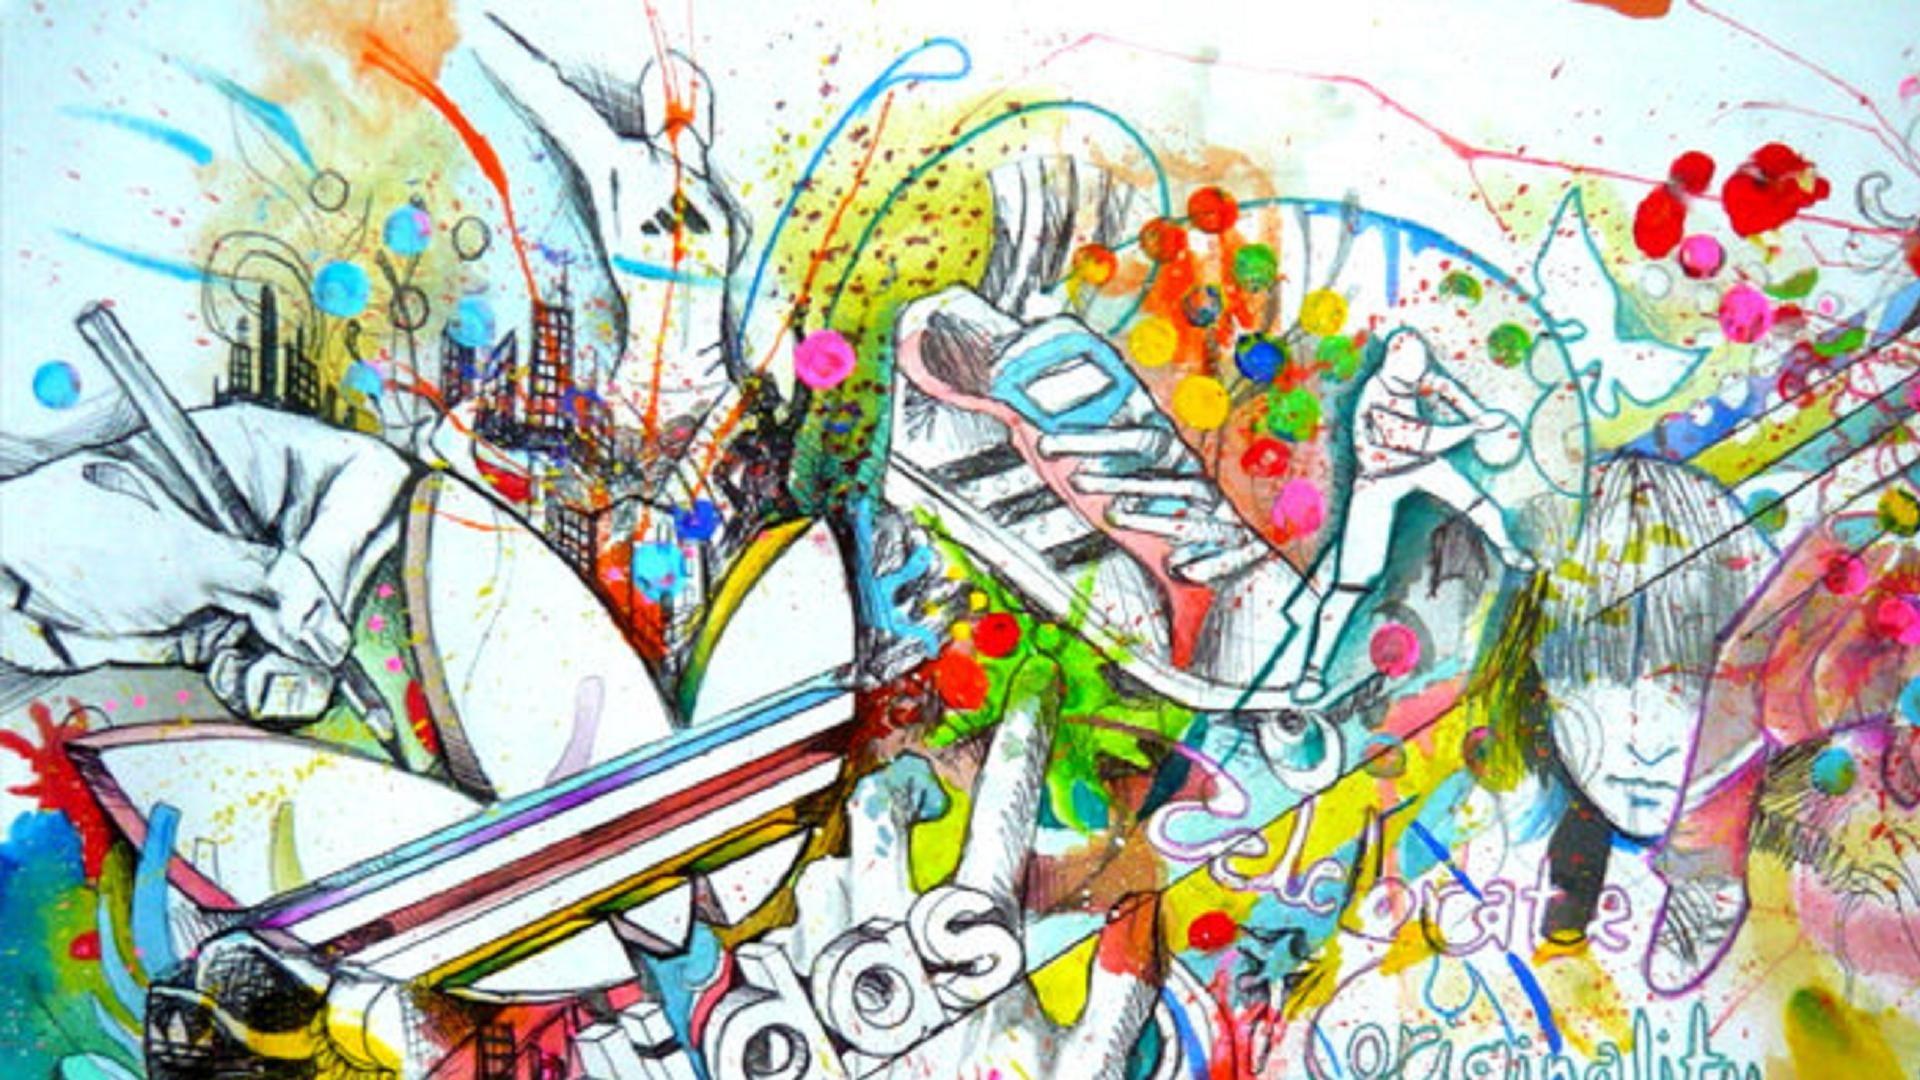 político Academia Mendigar  Funky Adidas | Graffiti logo, Adidas wallpapers, Drawing wallpaper